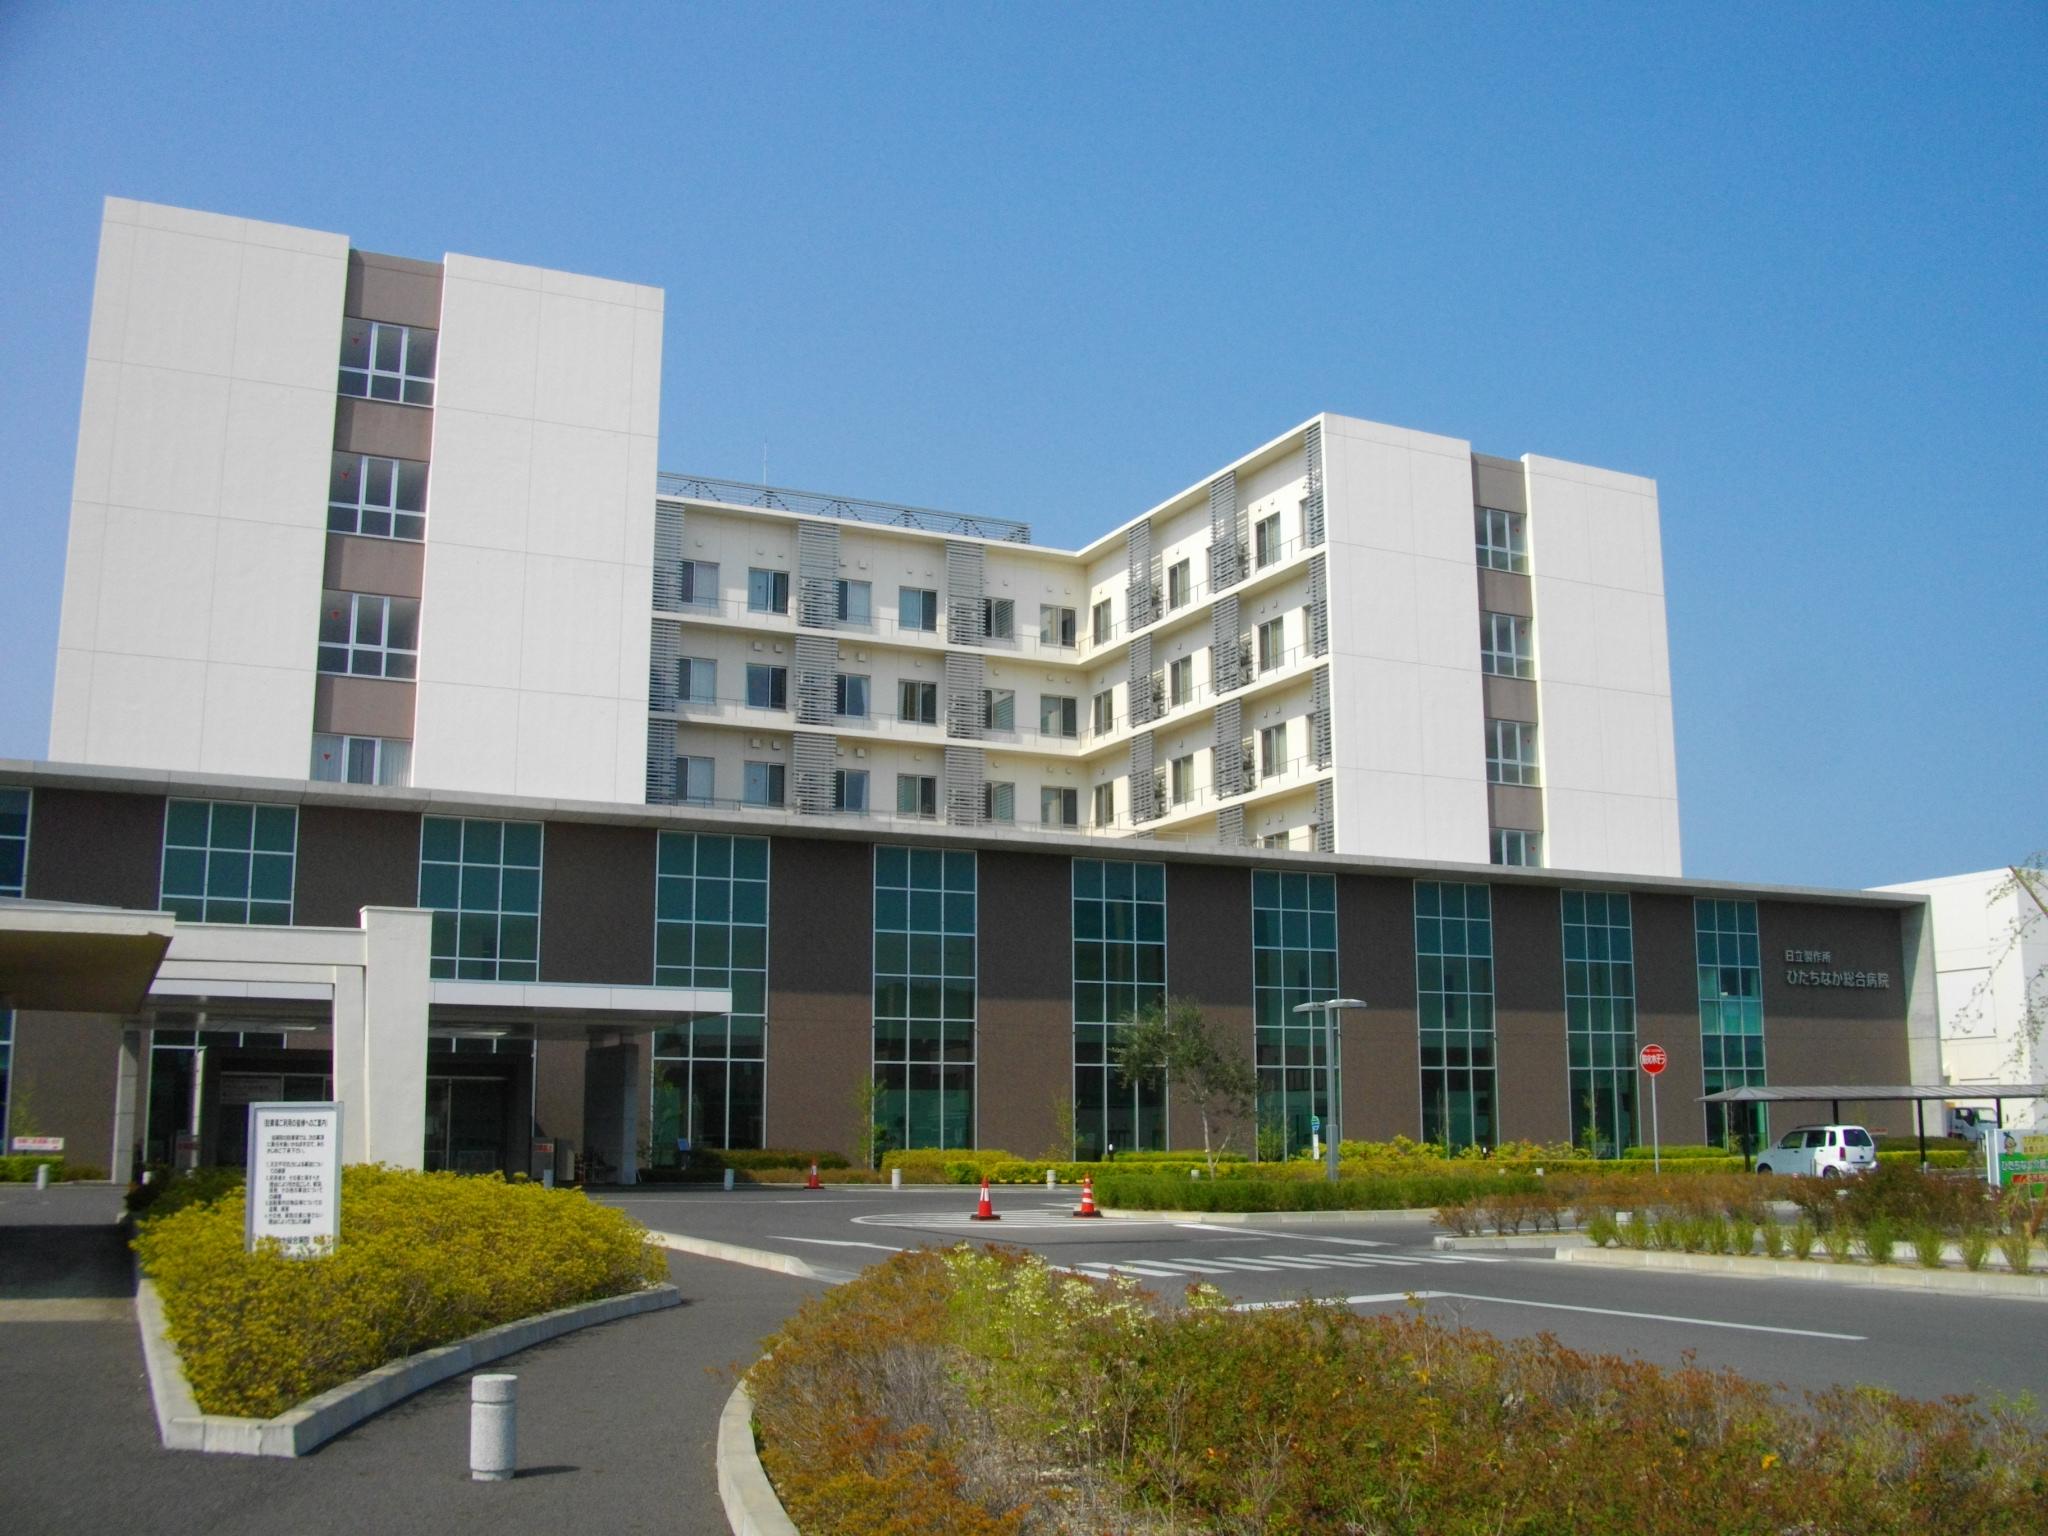 ひたちなか 総合 病院 ひたちなか総合病院:日立